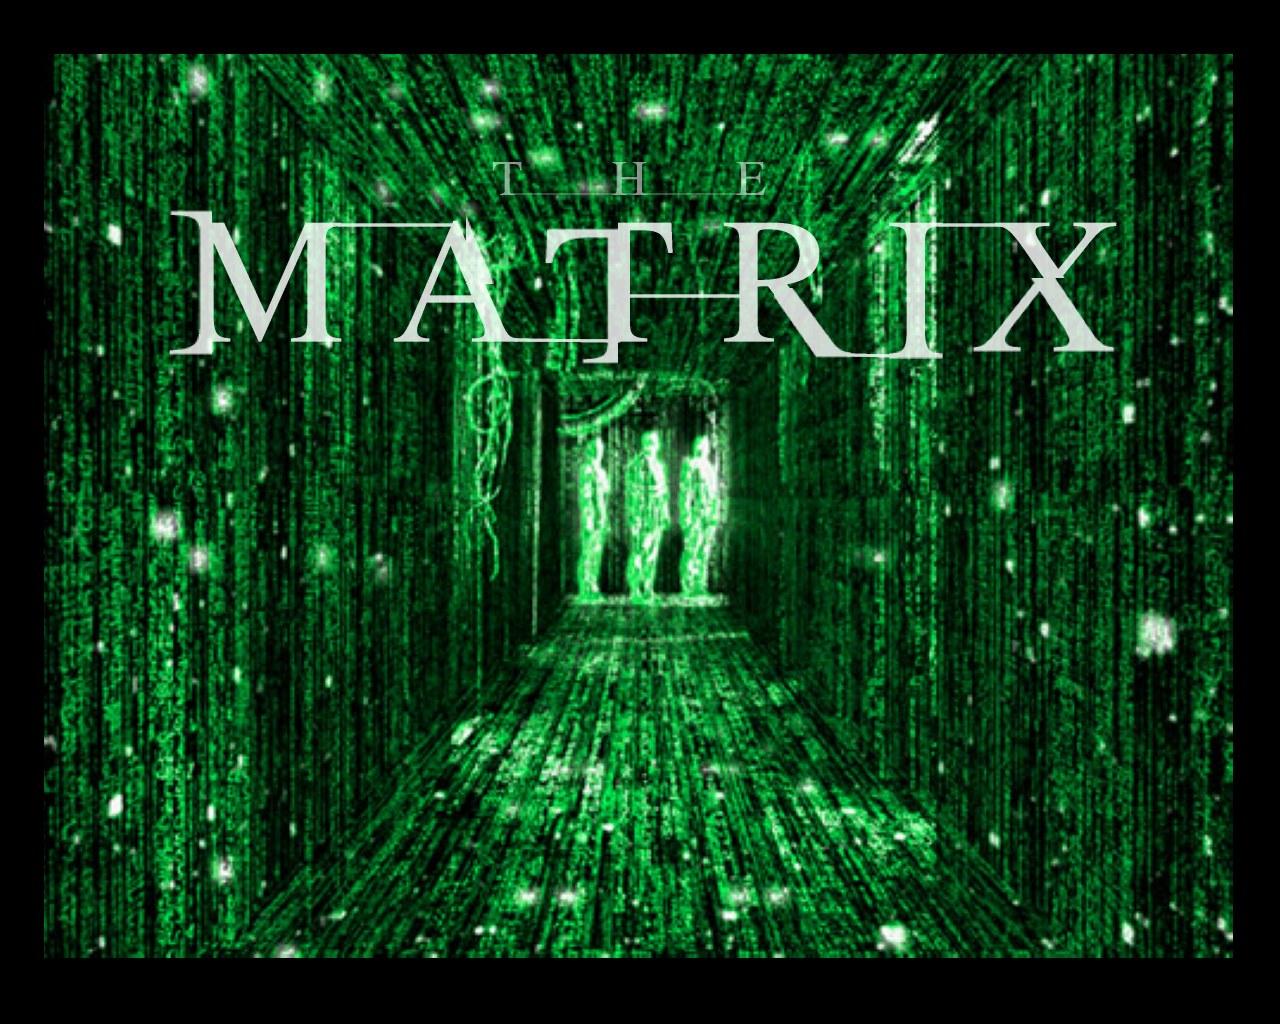 Imagen promocional de la película Matrix